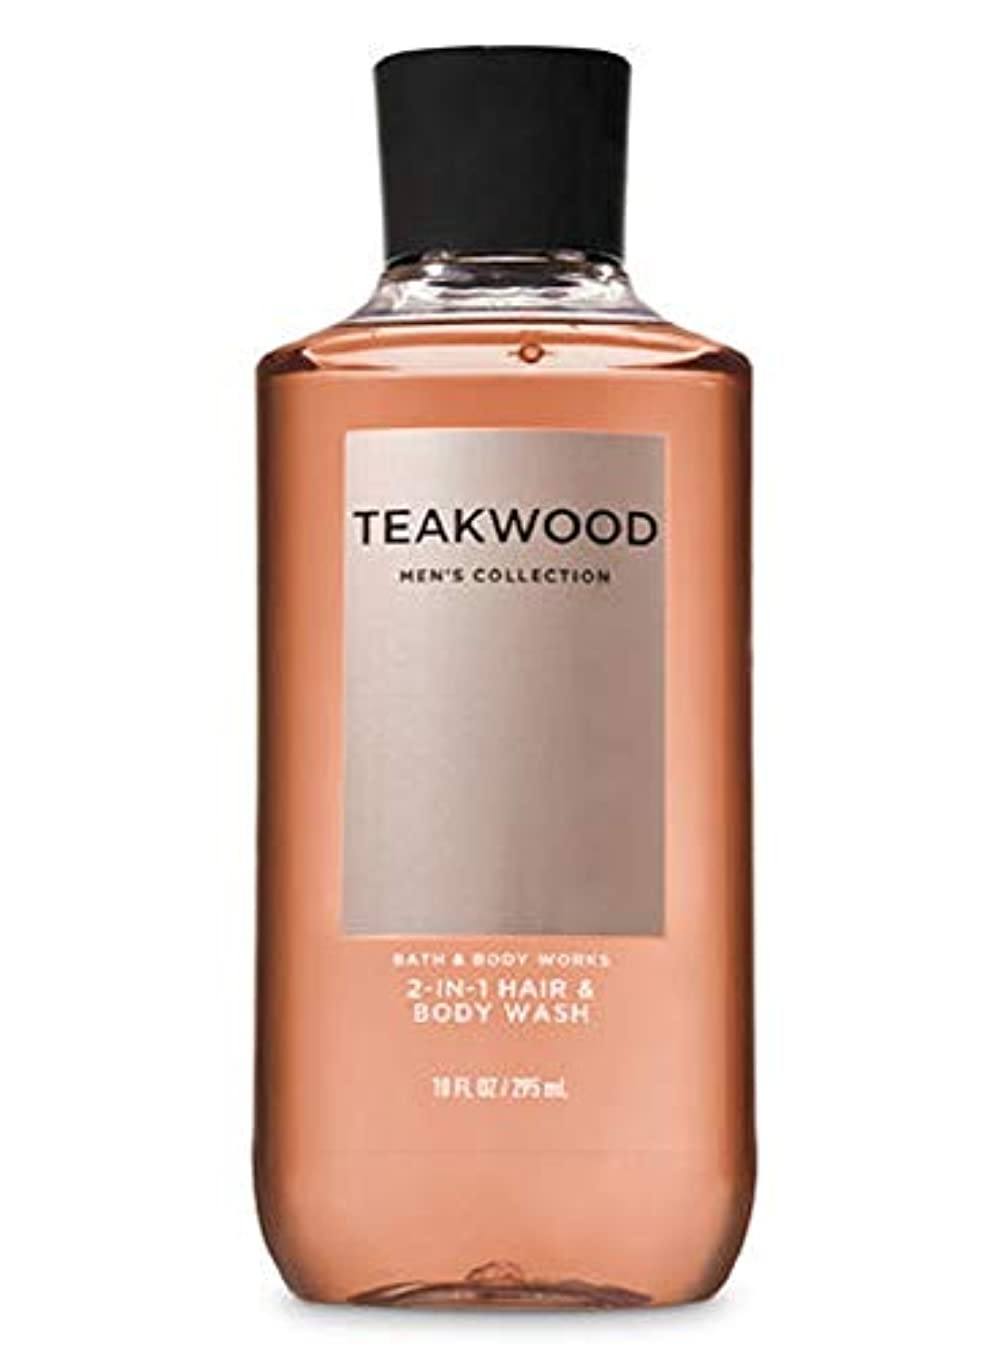 指紋抜粋クーポン【並行輸入品】Bath & Body Works TEAKWOOD 2-in-1 Hair + Body Wash